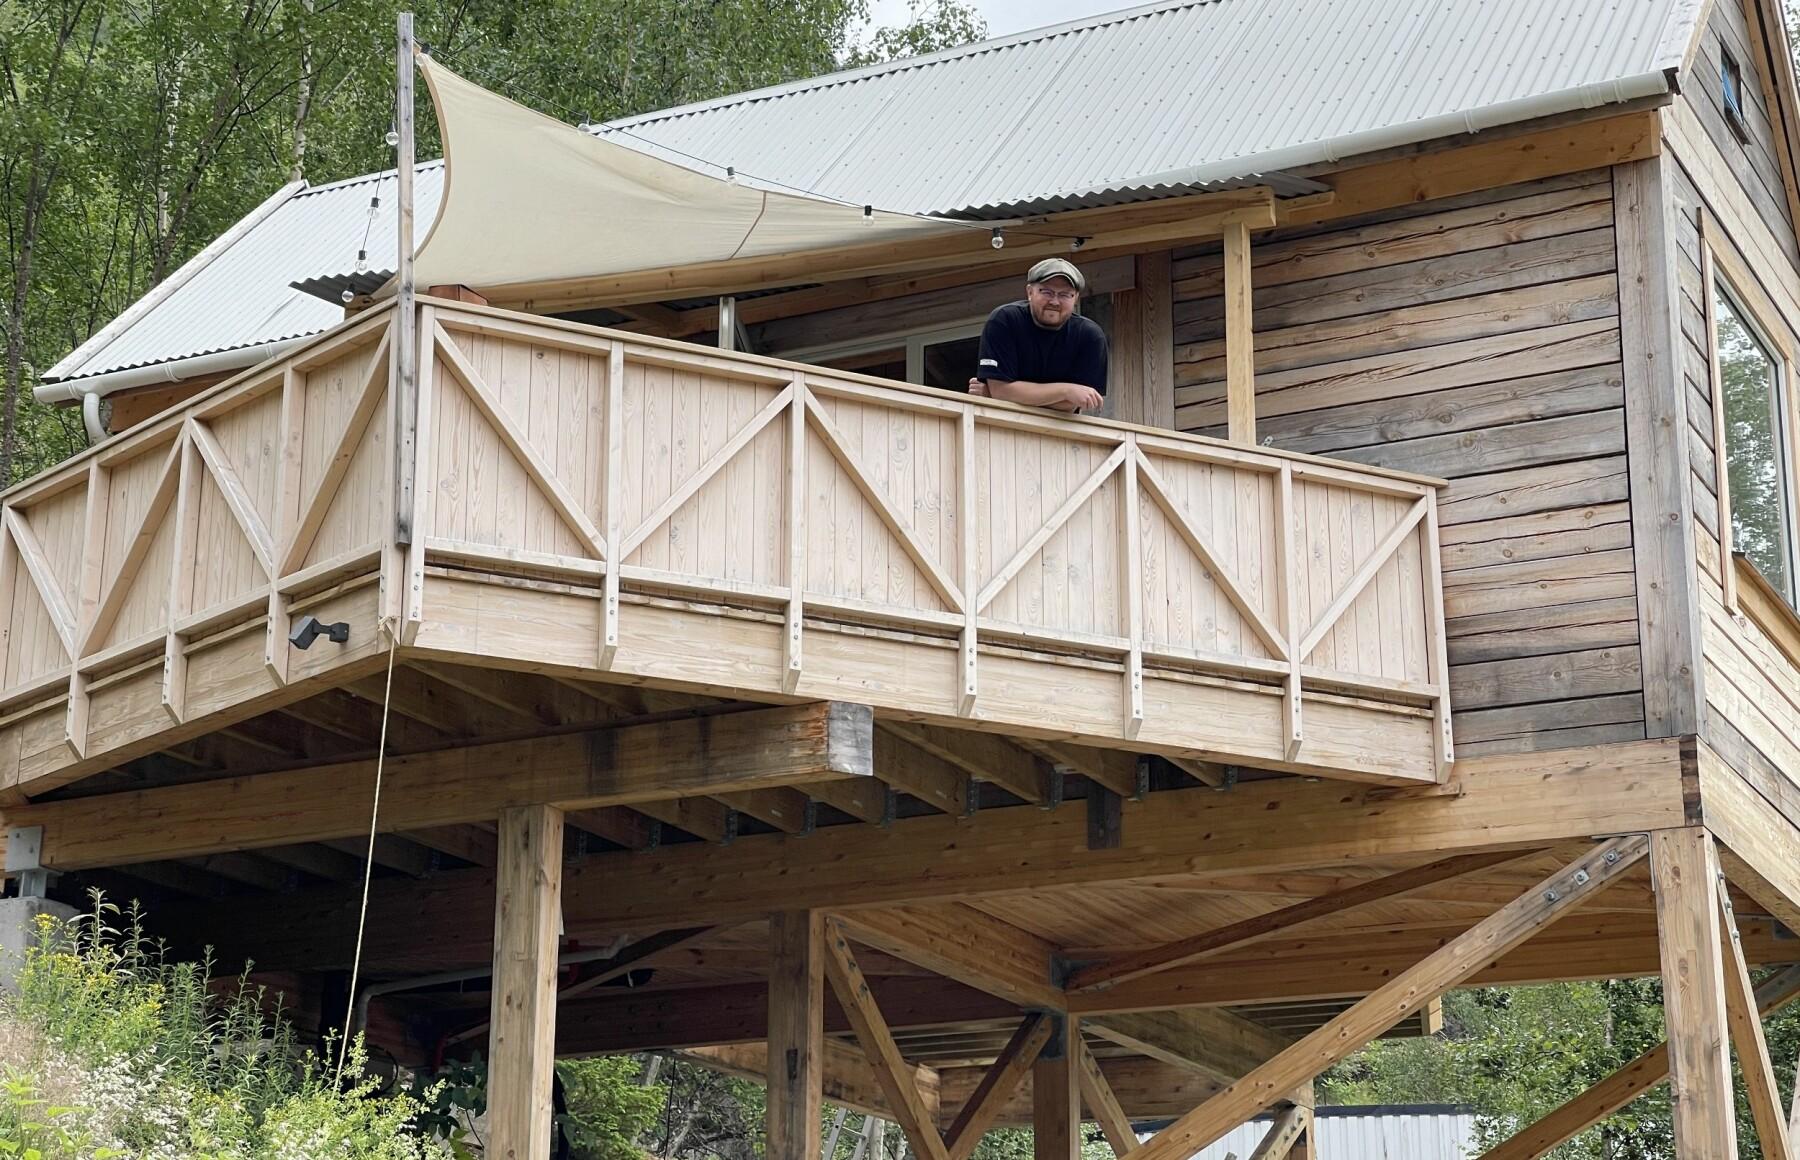 TRE METER: Minihuset står på tre meter høge søyler. Gøran Johansen har med andre ord god utsikt og stålkontroll på alt som skjer i nærleiken.